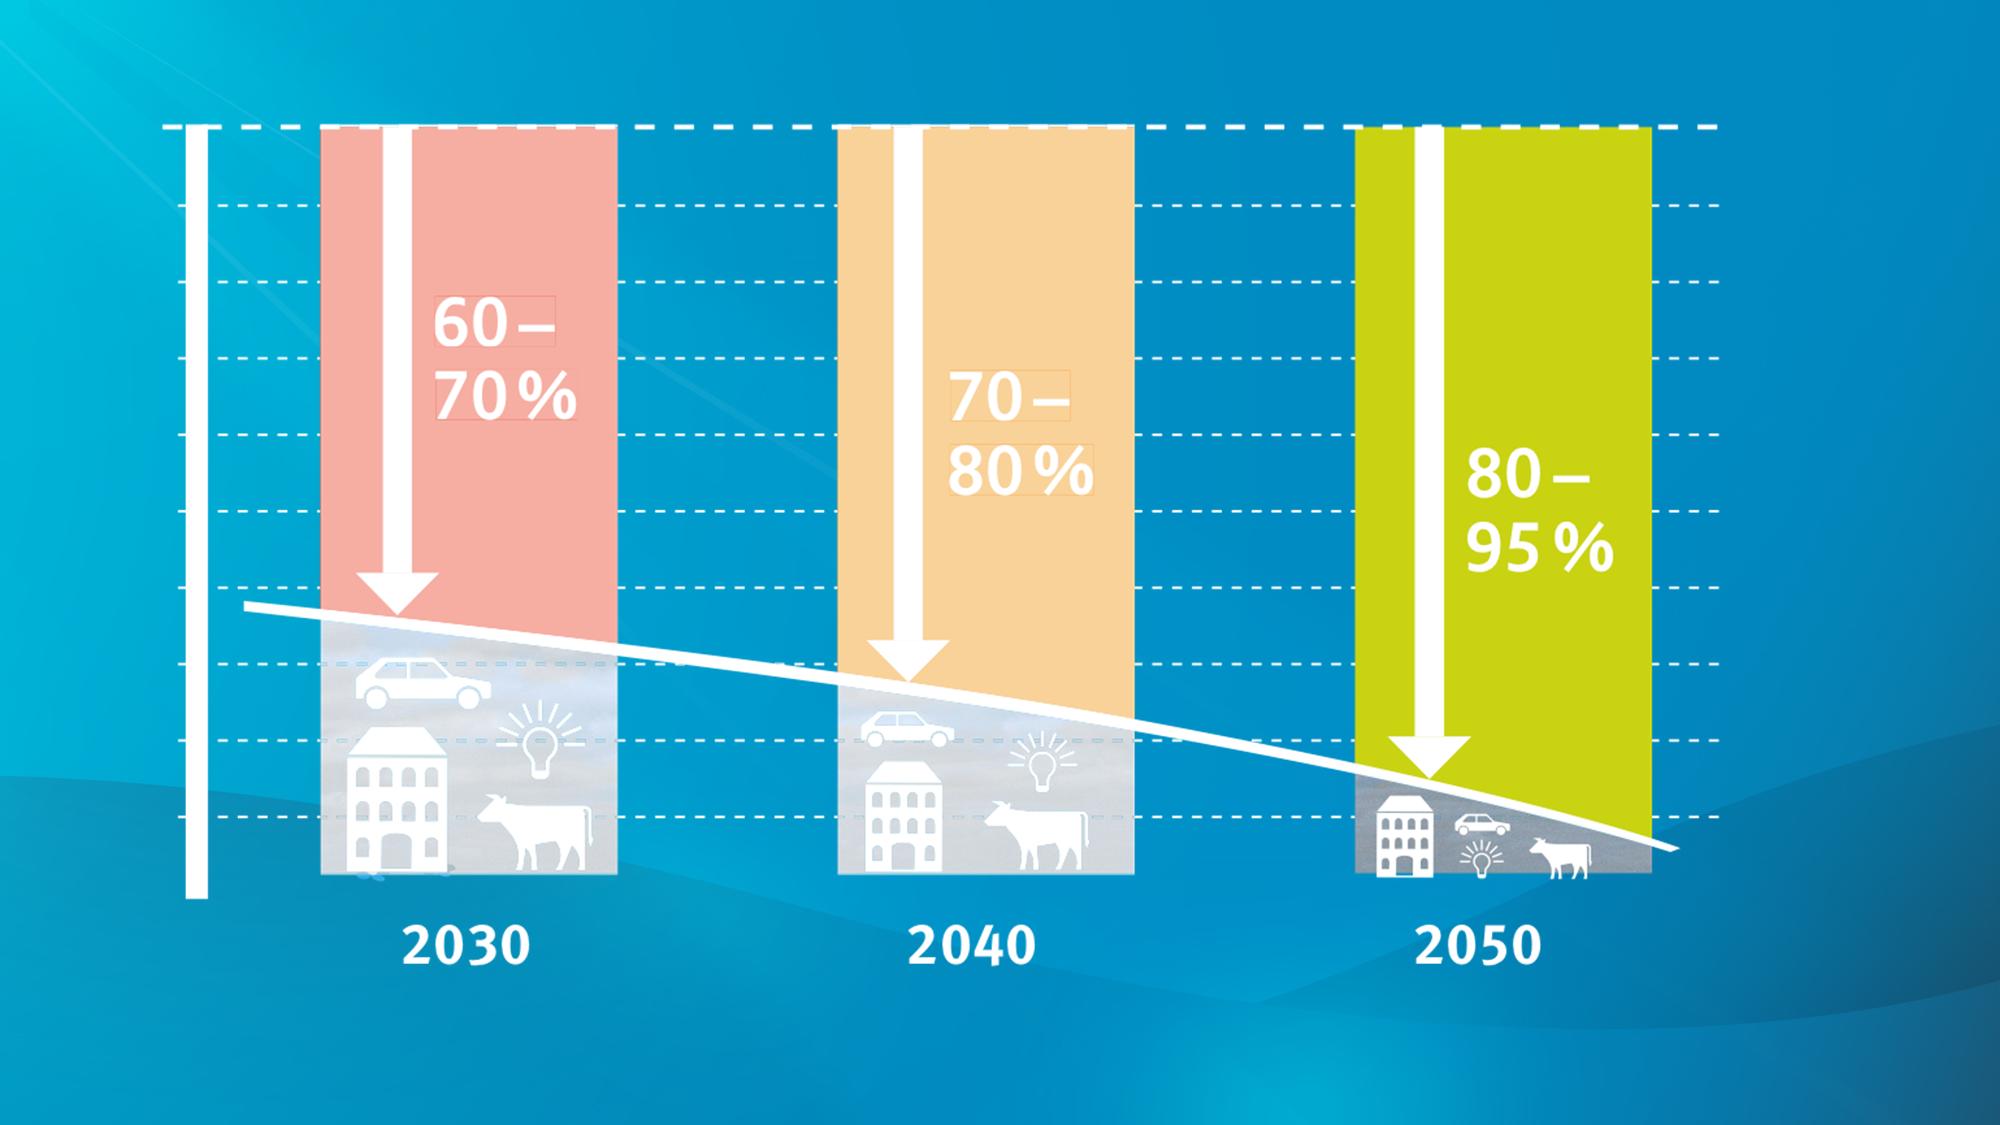 Minderung der Treibhausgas-Emmissionen bis 2050 um bis zu 95 Prozent, so das Ziel des Thüringer Klimagesetzes.